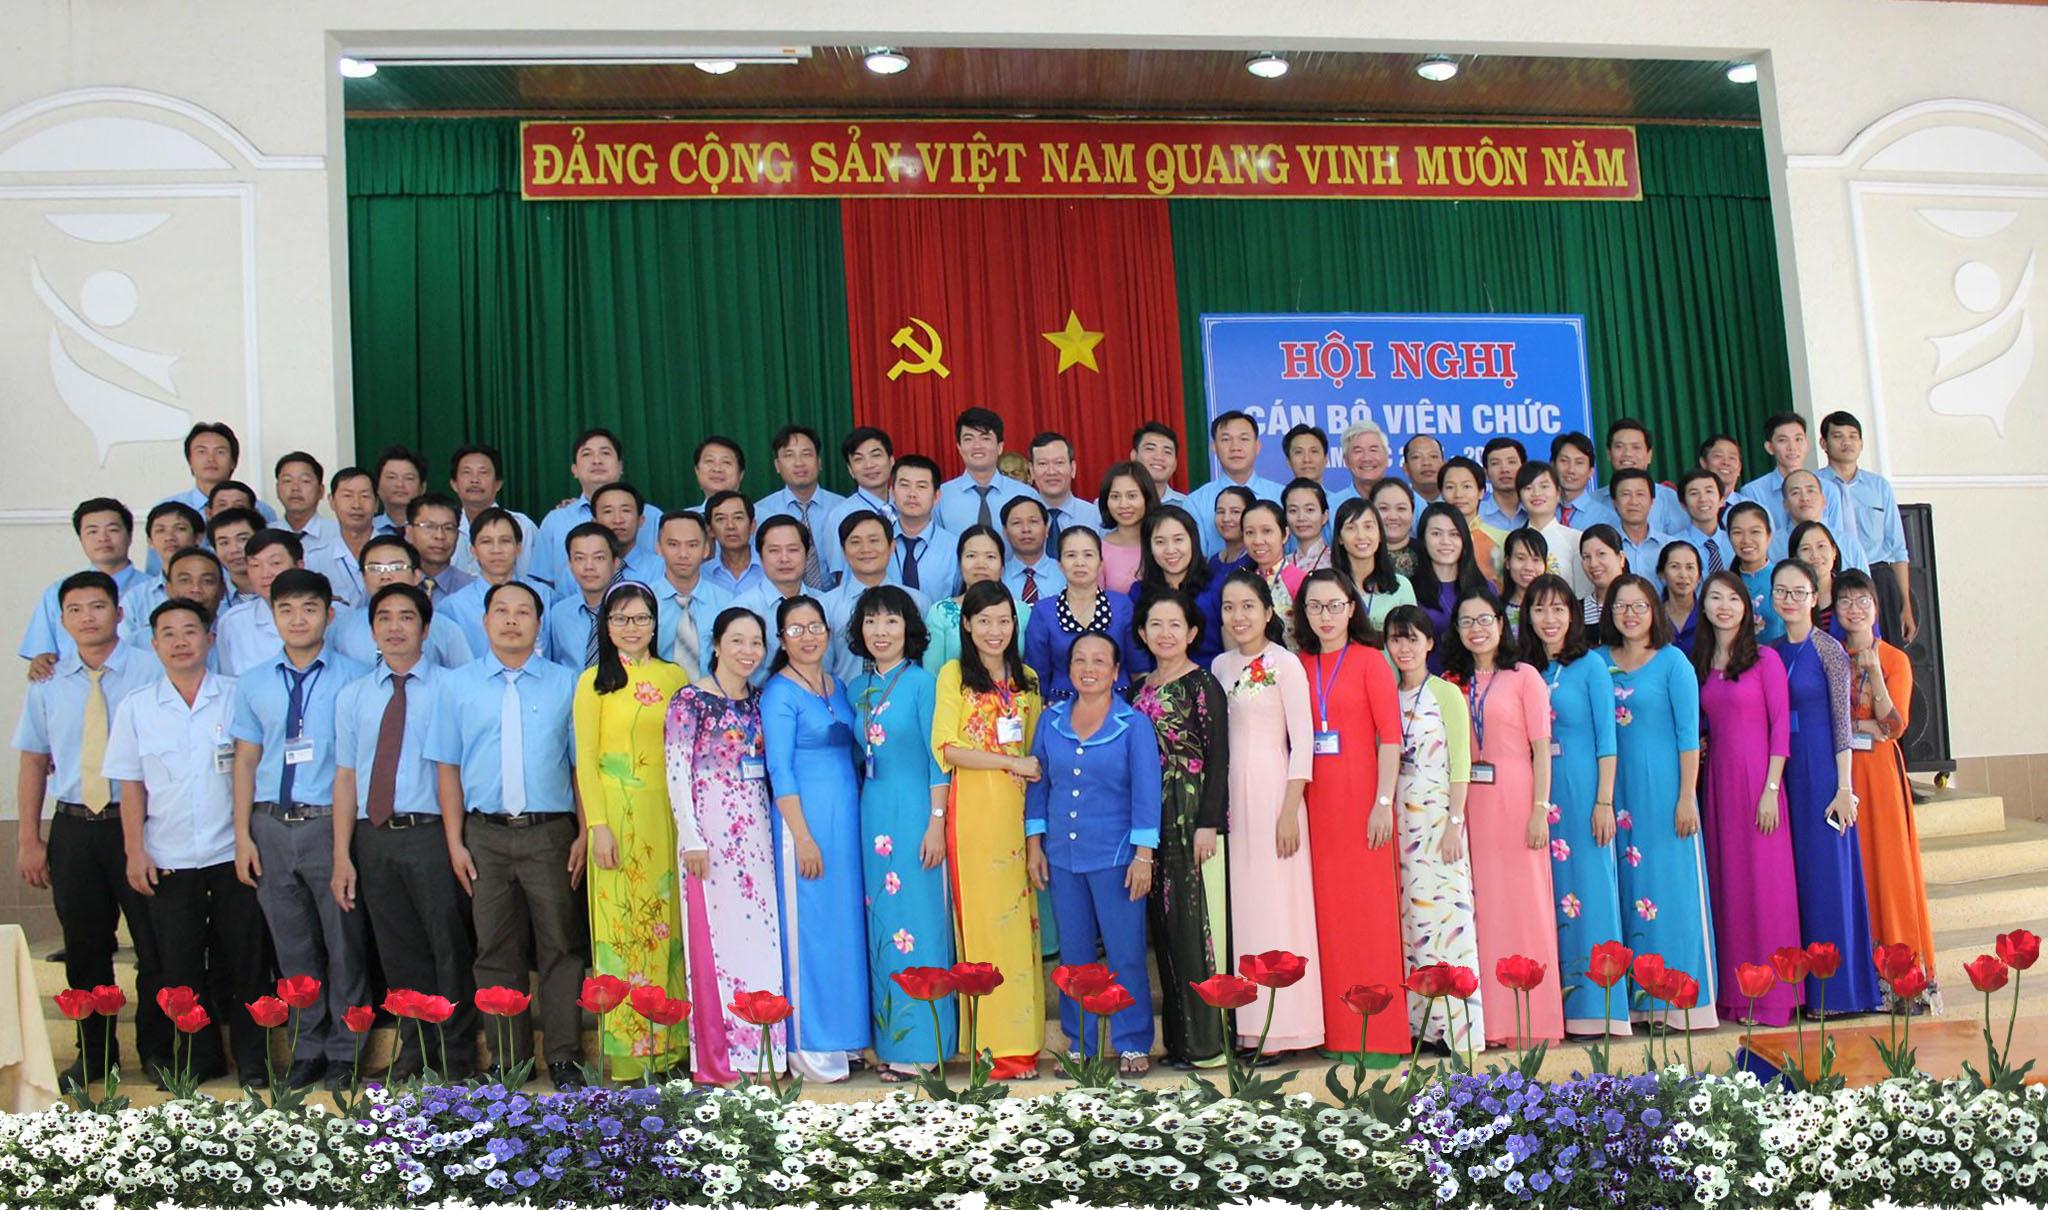 Tập thể cán bộ giảng viên Trường Cao đẳng nghề Công nghệ cao Đồng Nai